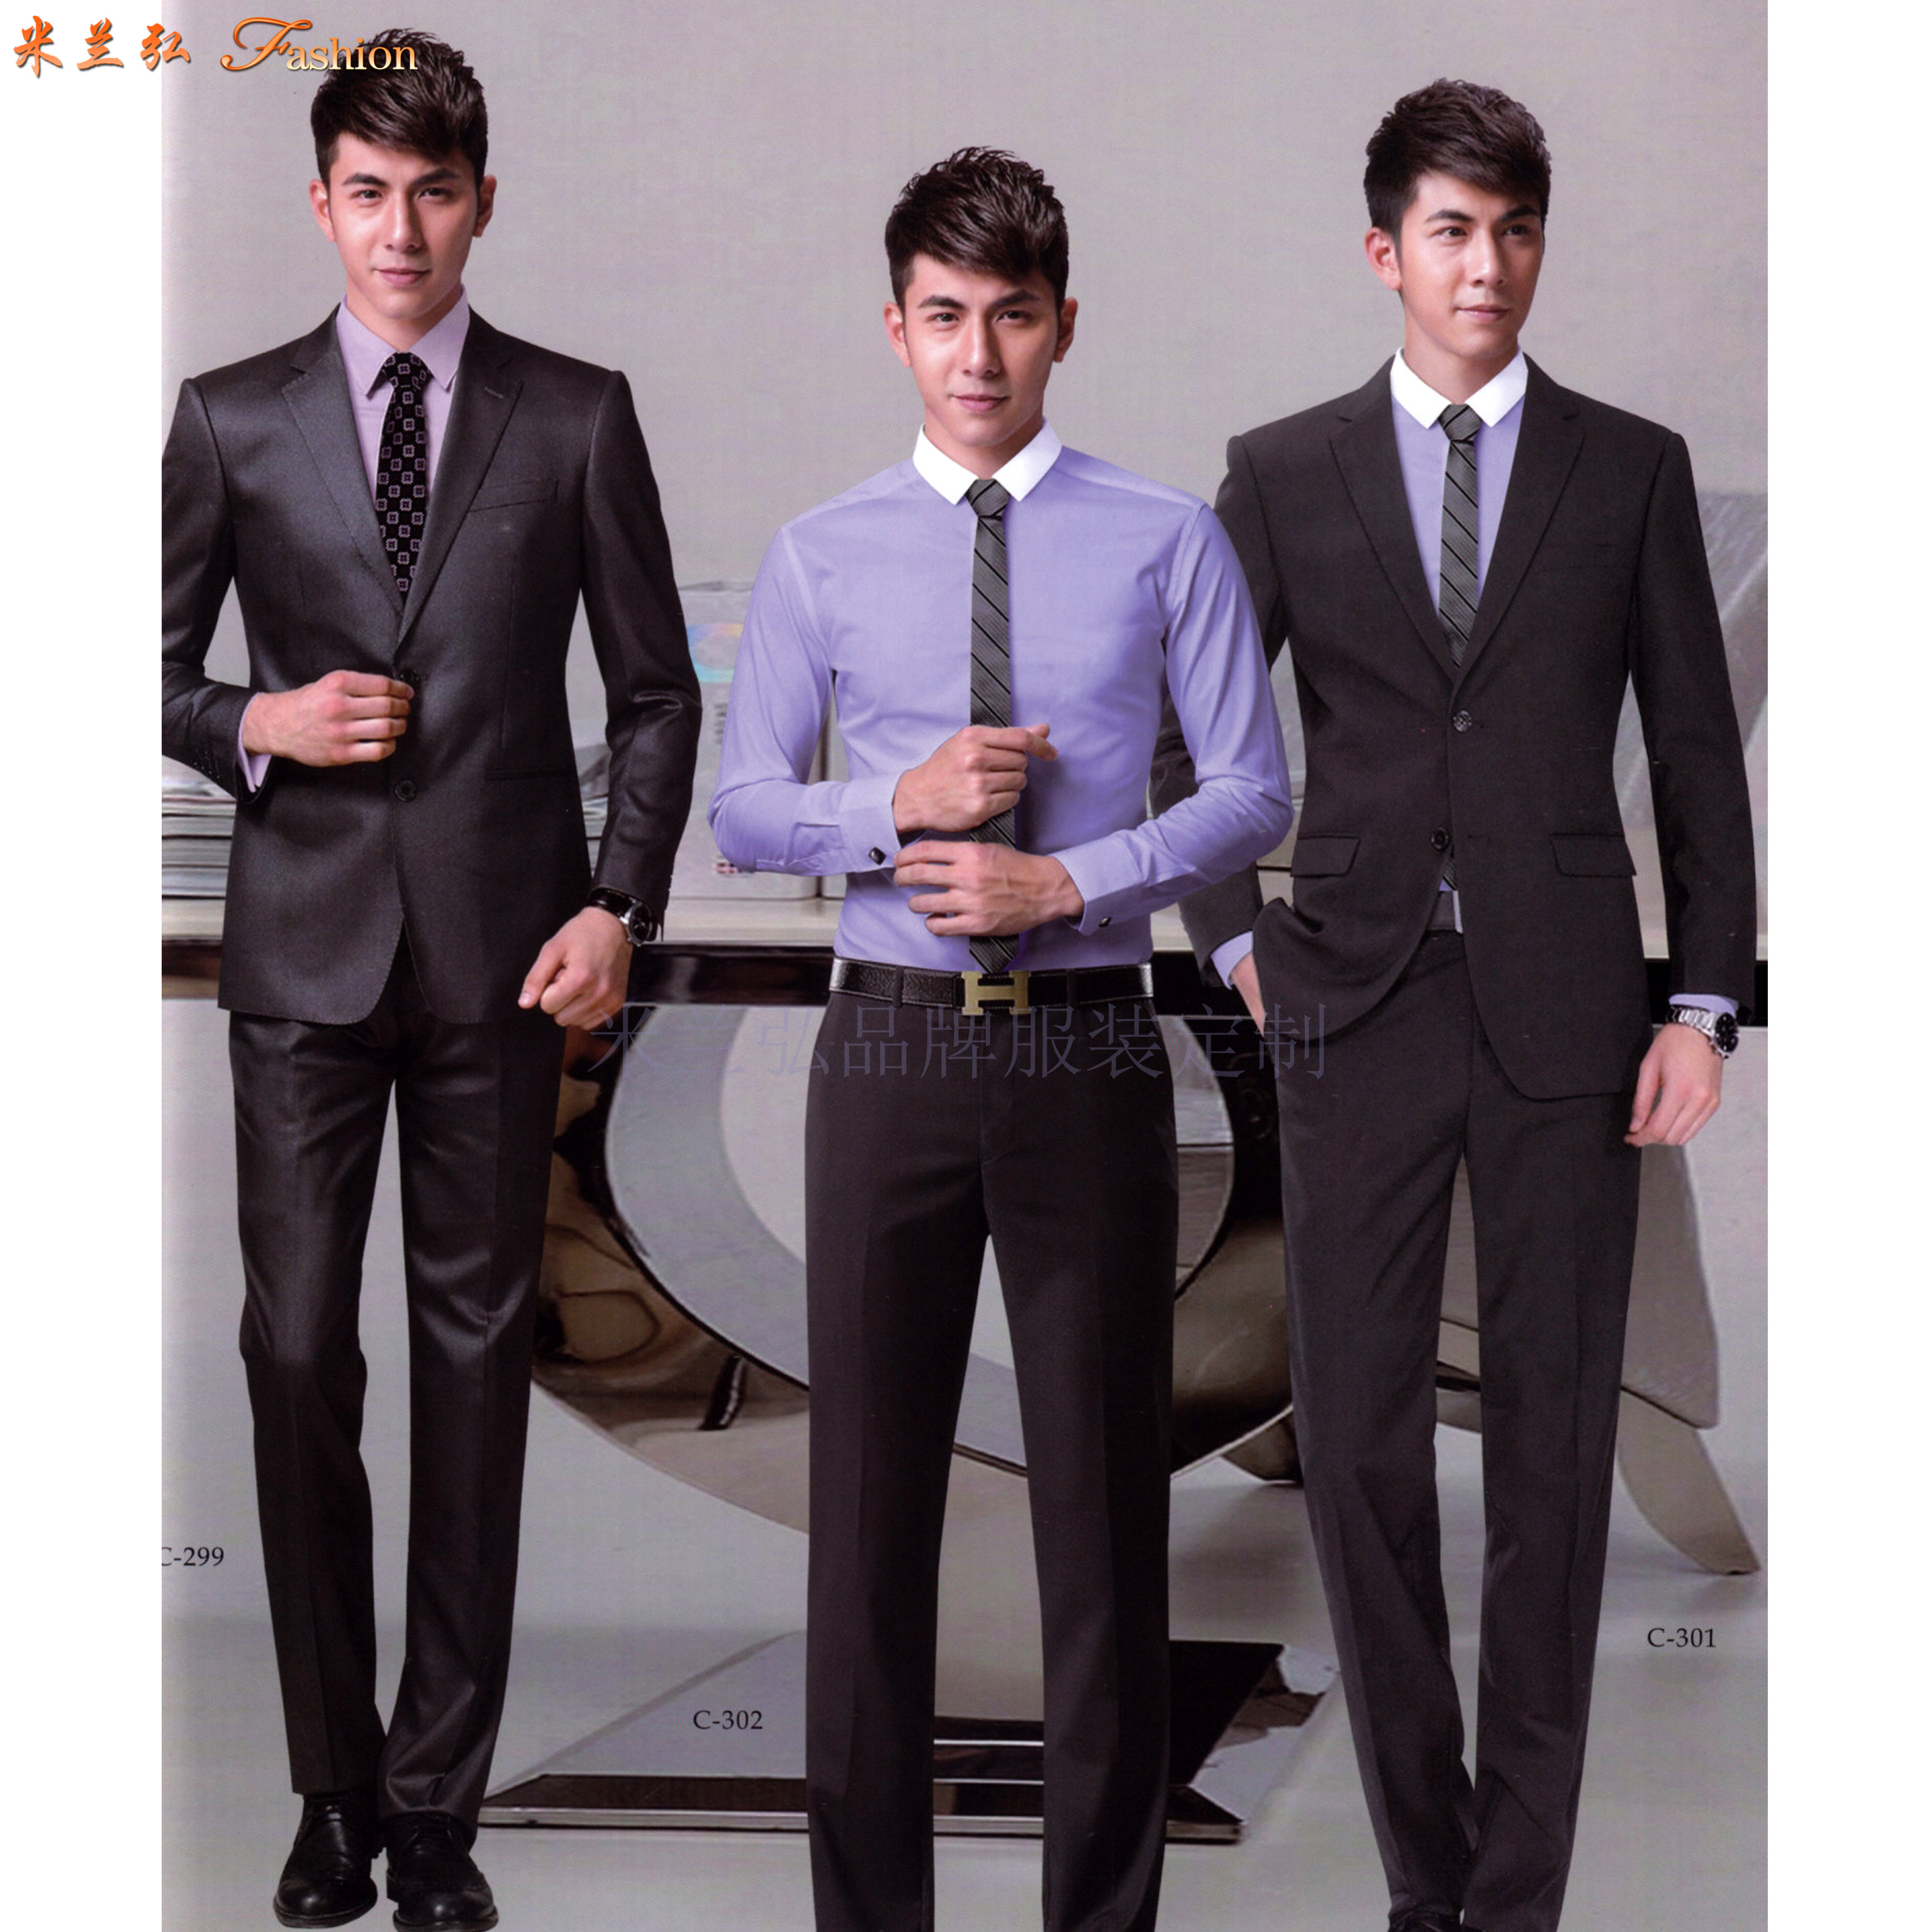 上海西服定制-上海量身訂制西服-米蘭弘服裝-2